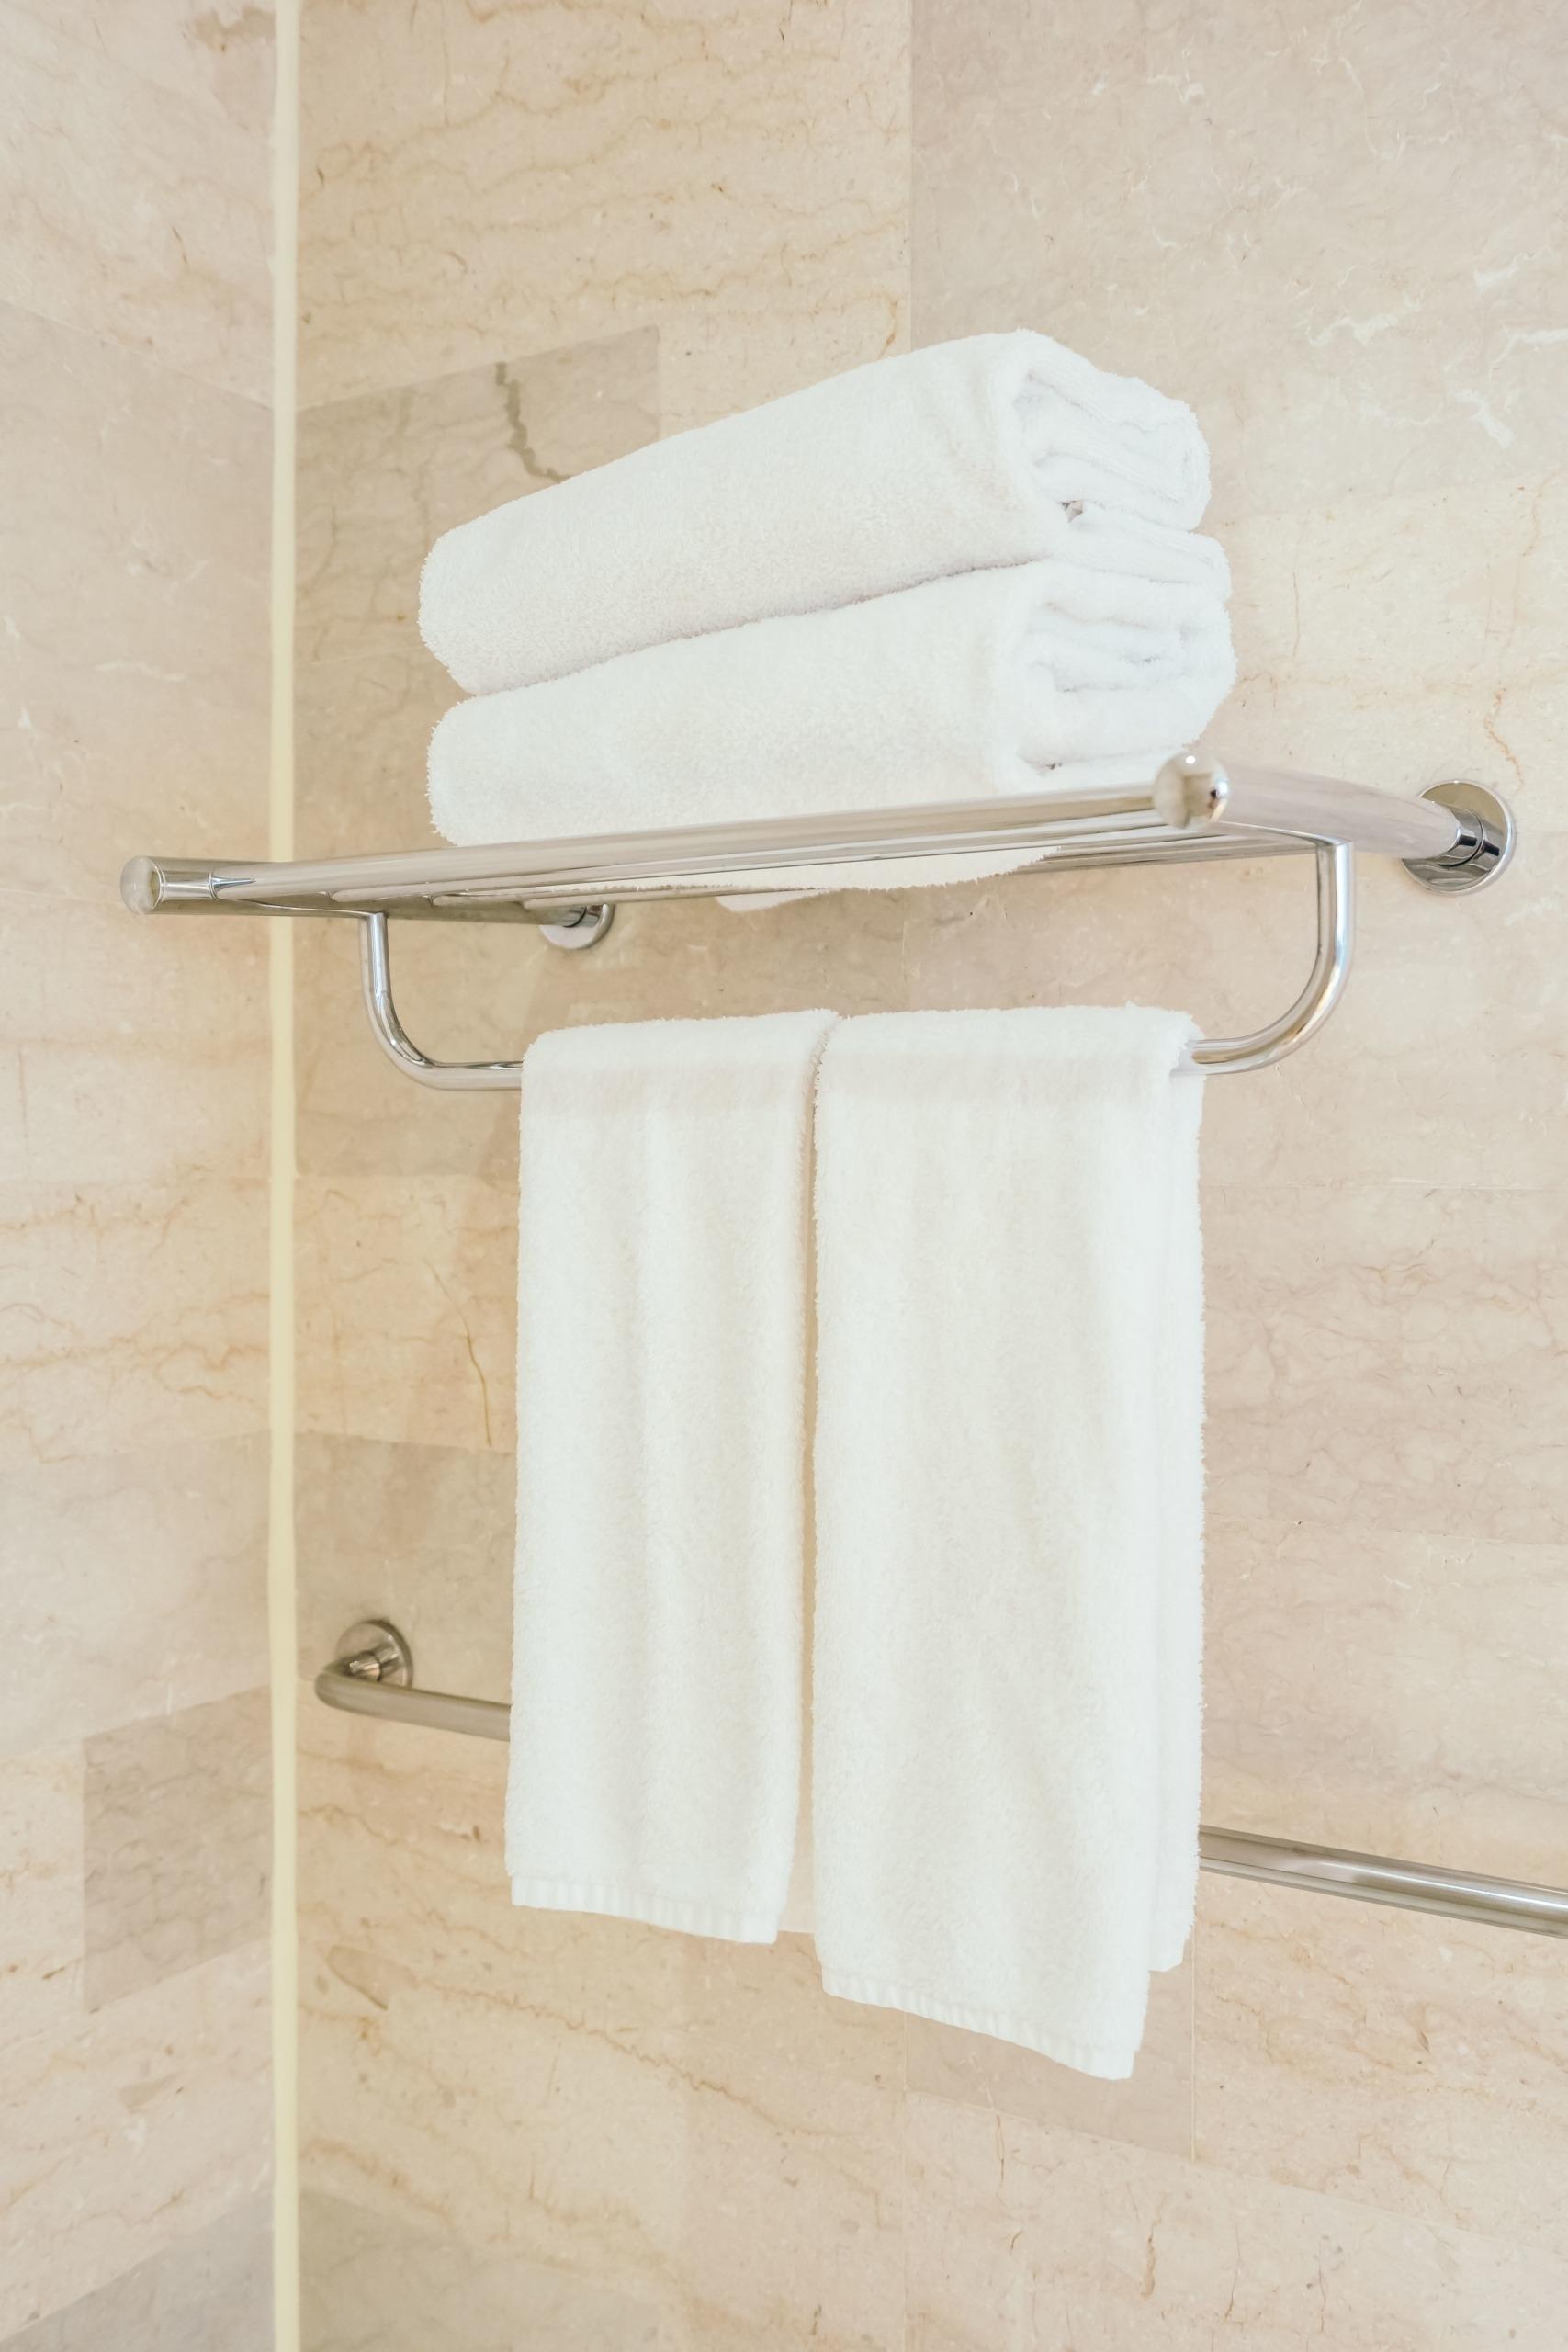 Der richtige Handtuchhalter für Ordnung im Bad – PRODUKTMENTOR